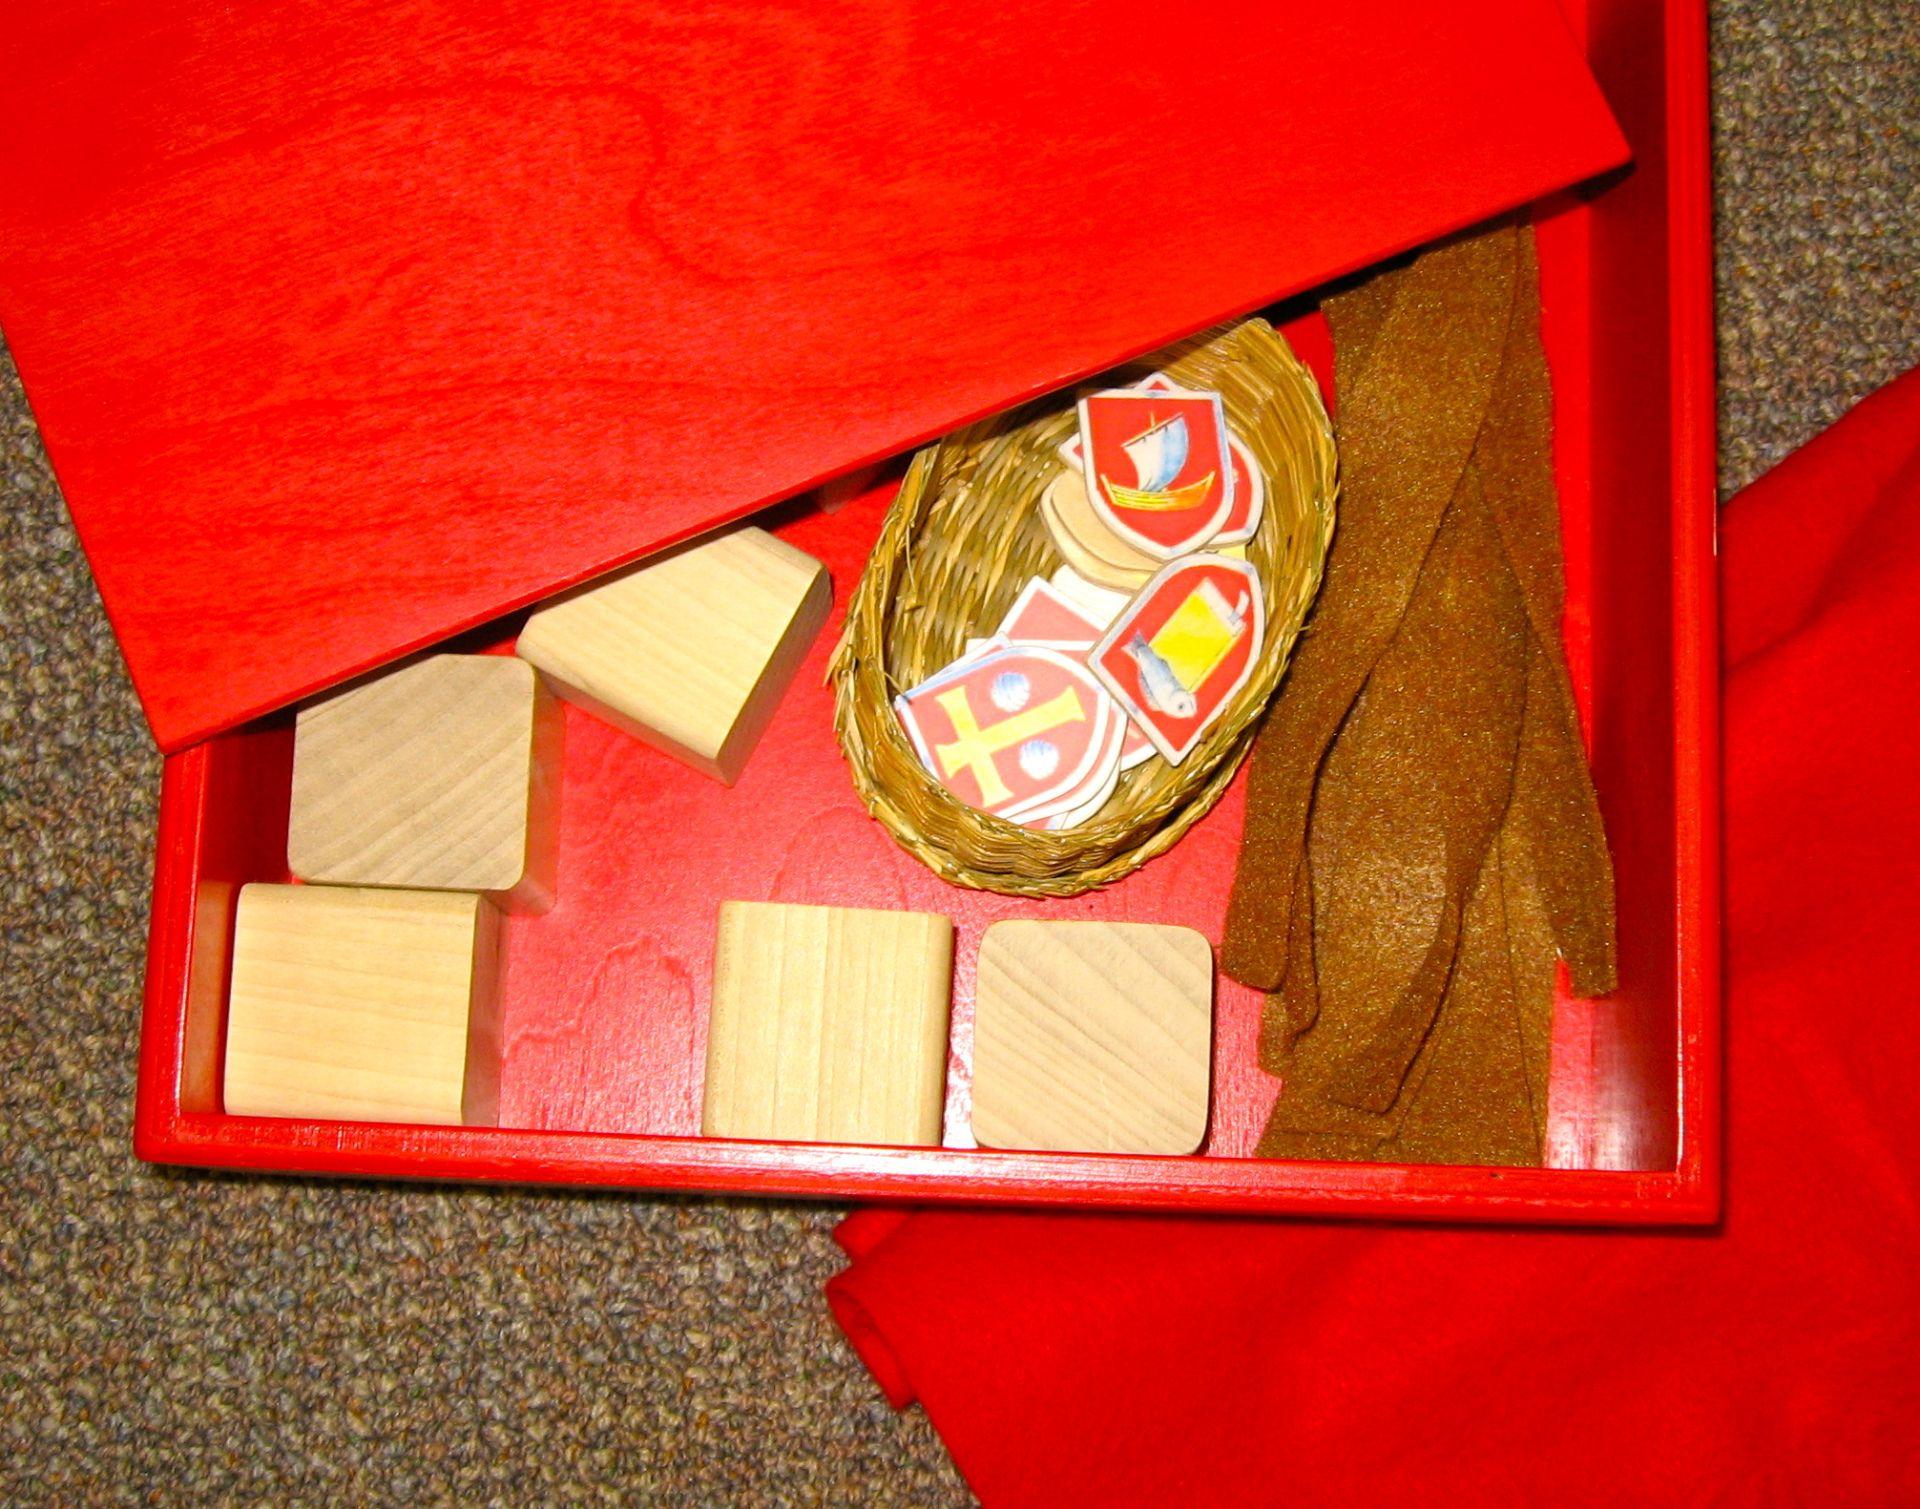 Sunday School Teacher Resume Inspiration Godly Play Blog  Godly Play  Pinterest  Godly Play